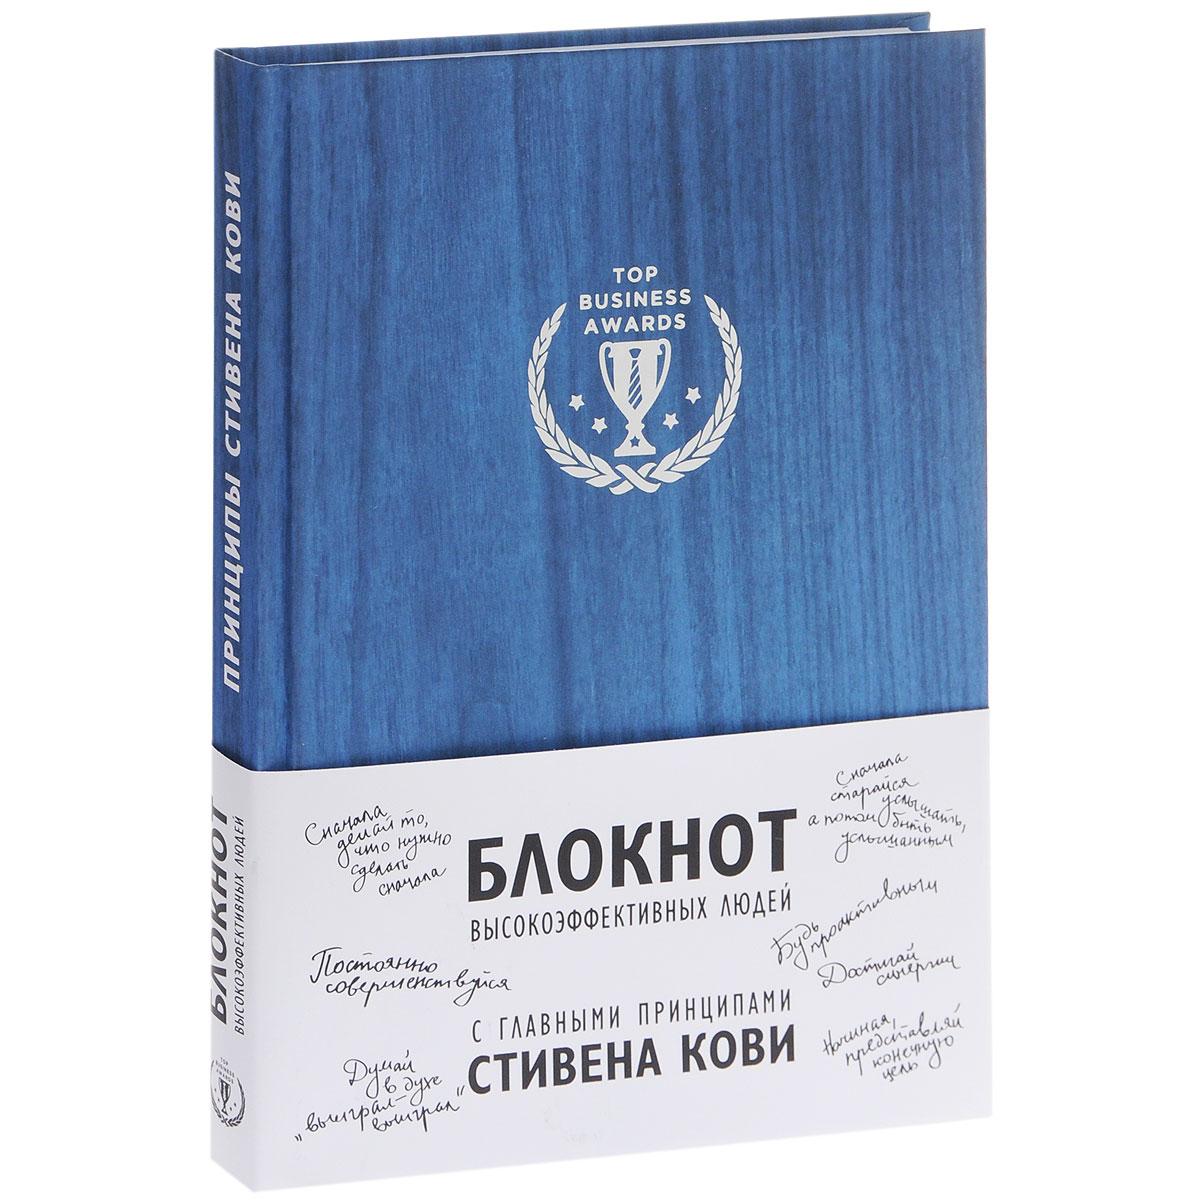 Блокнот для высокоэффективных людей (с главными принципами Стивена Кови ) блокнот для высокоэффективных людей с главными принципами стивена кови синий